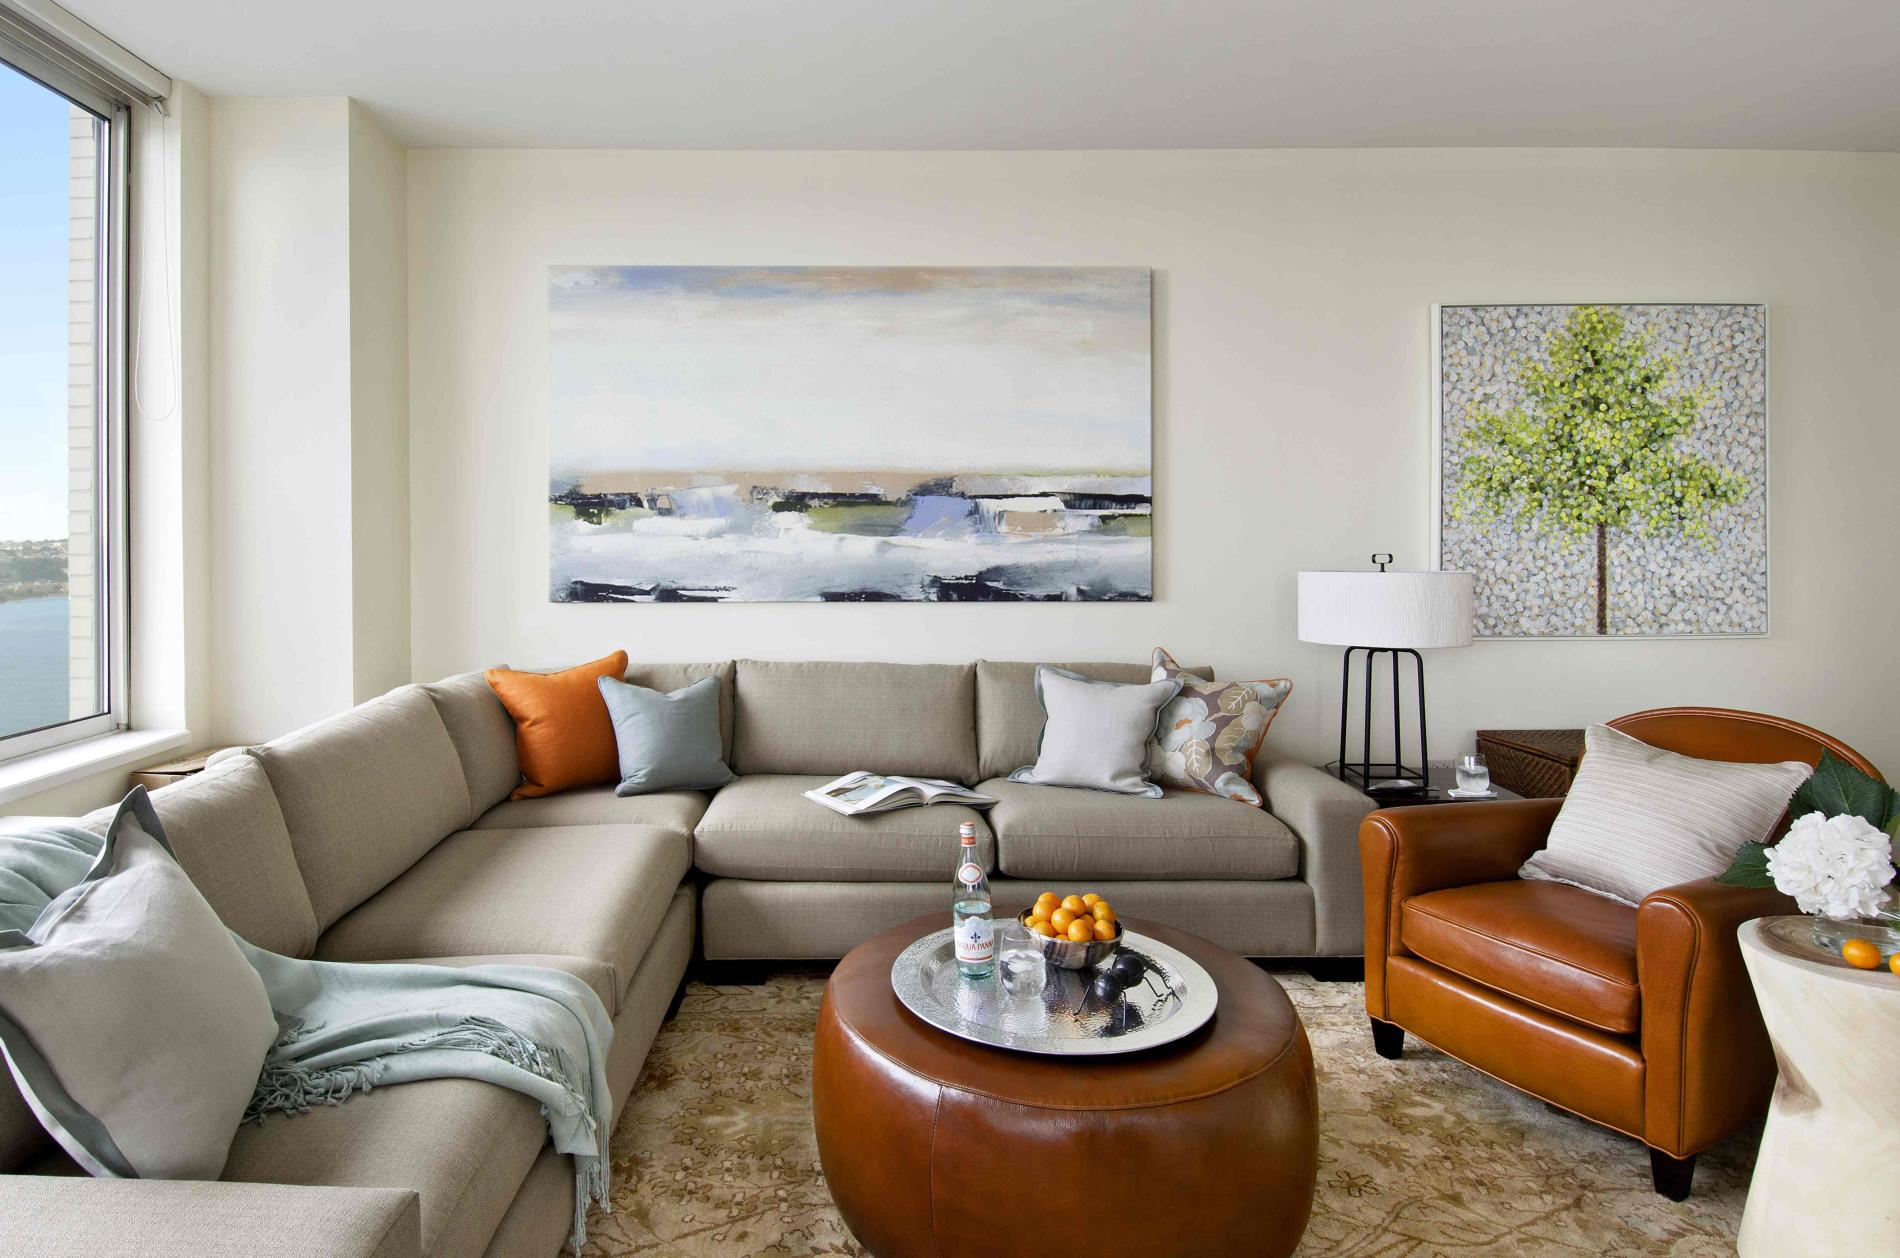 Превосходный мягкий угловой диван в интерьере